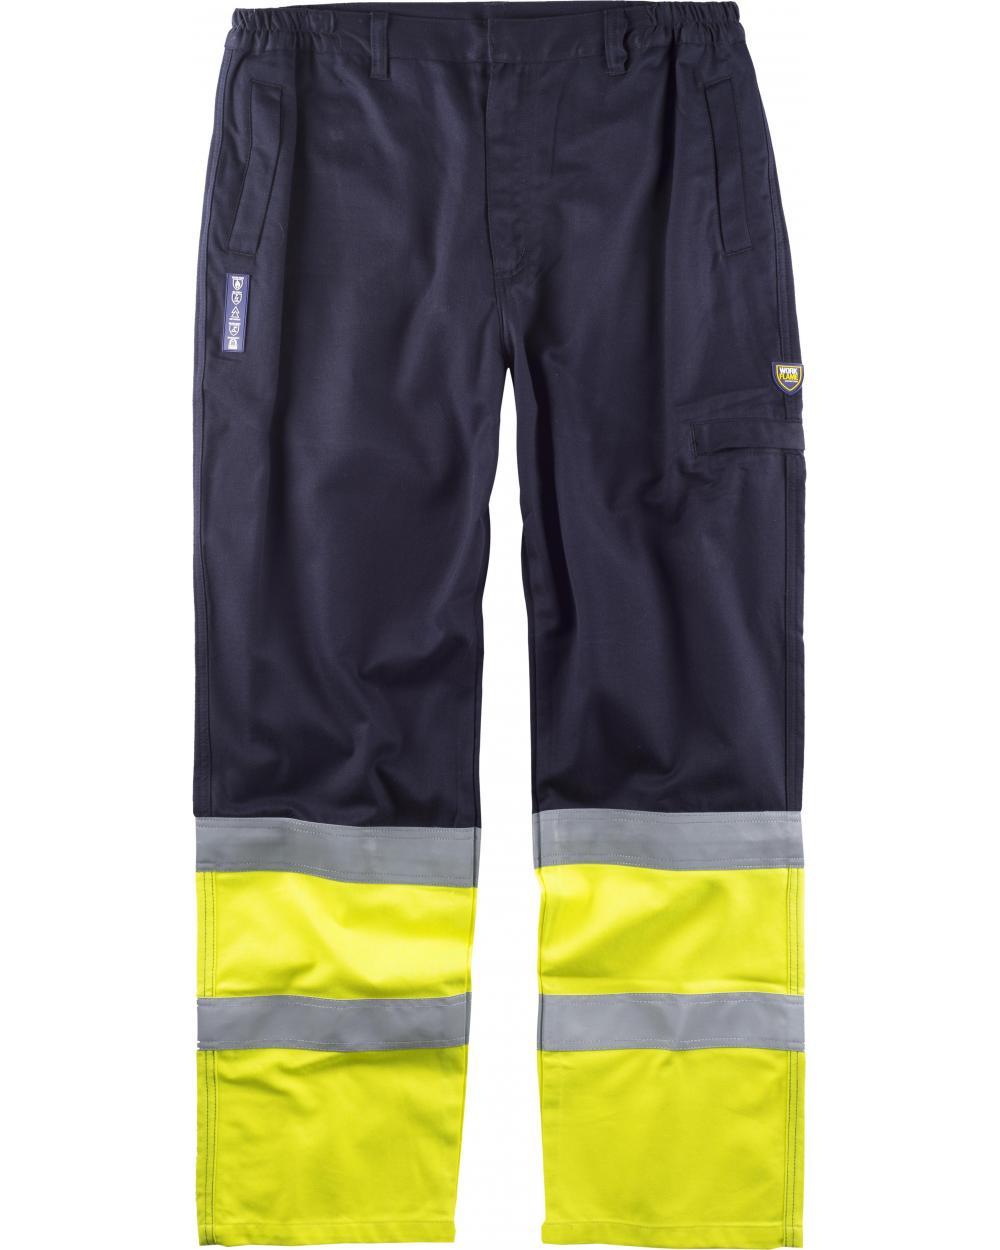 Comprar Pantalon ignifugo y antiestatico certificado B1491 Marino+Amarillo AV workteam delante